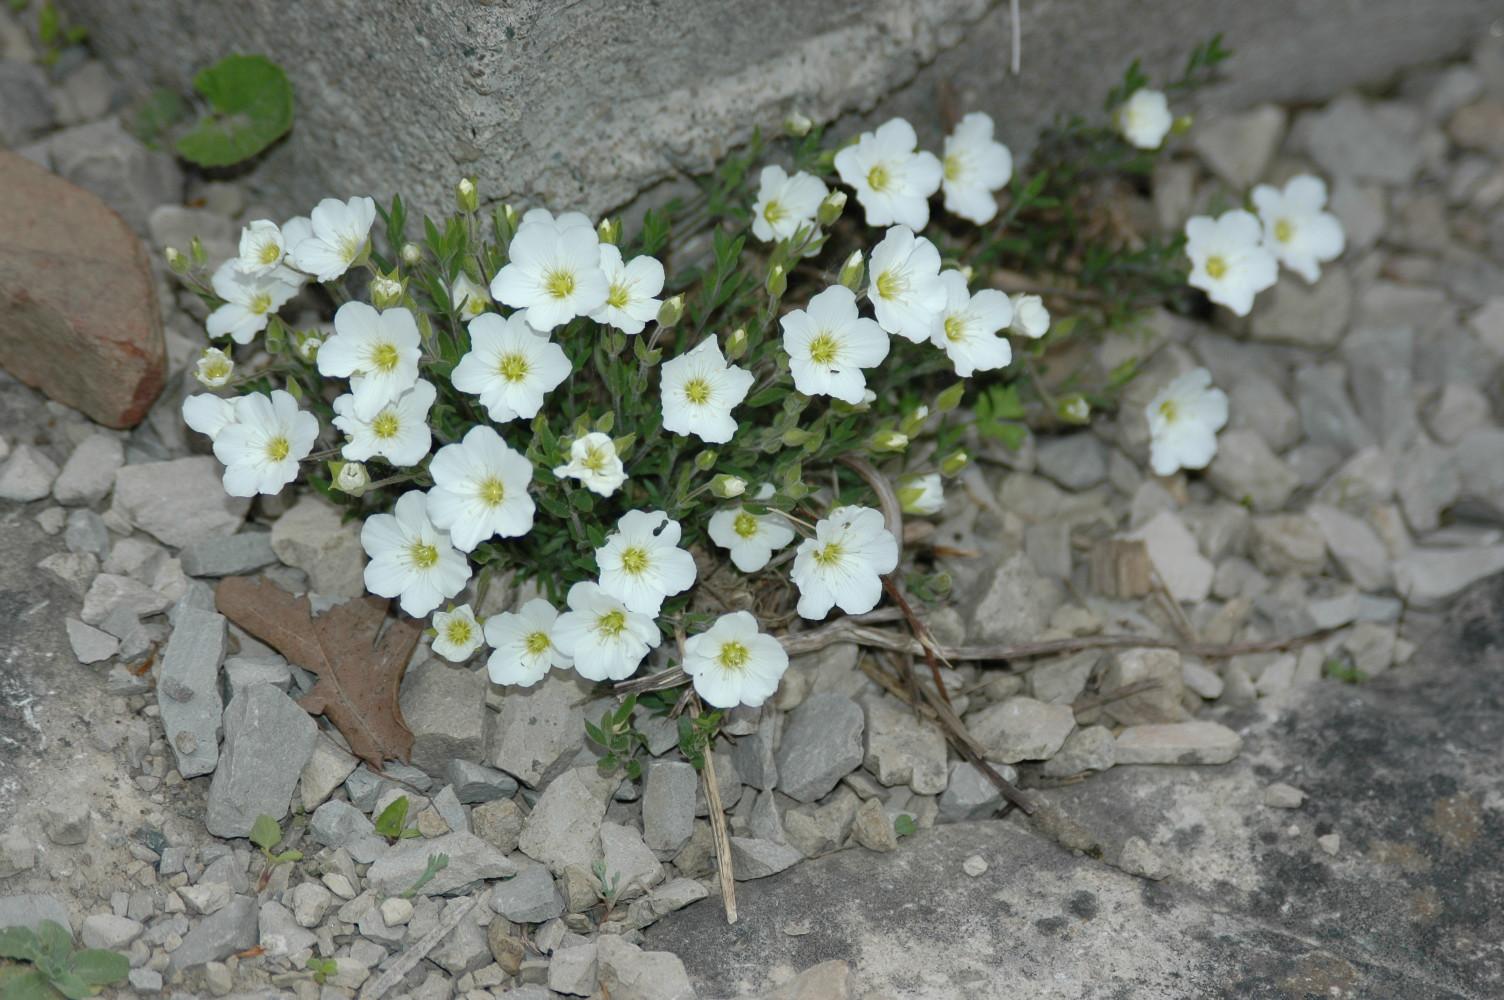 Mountain sandwort